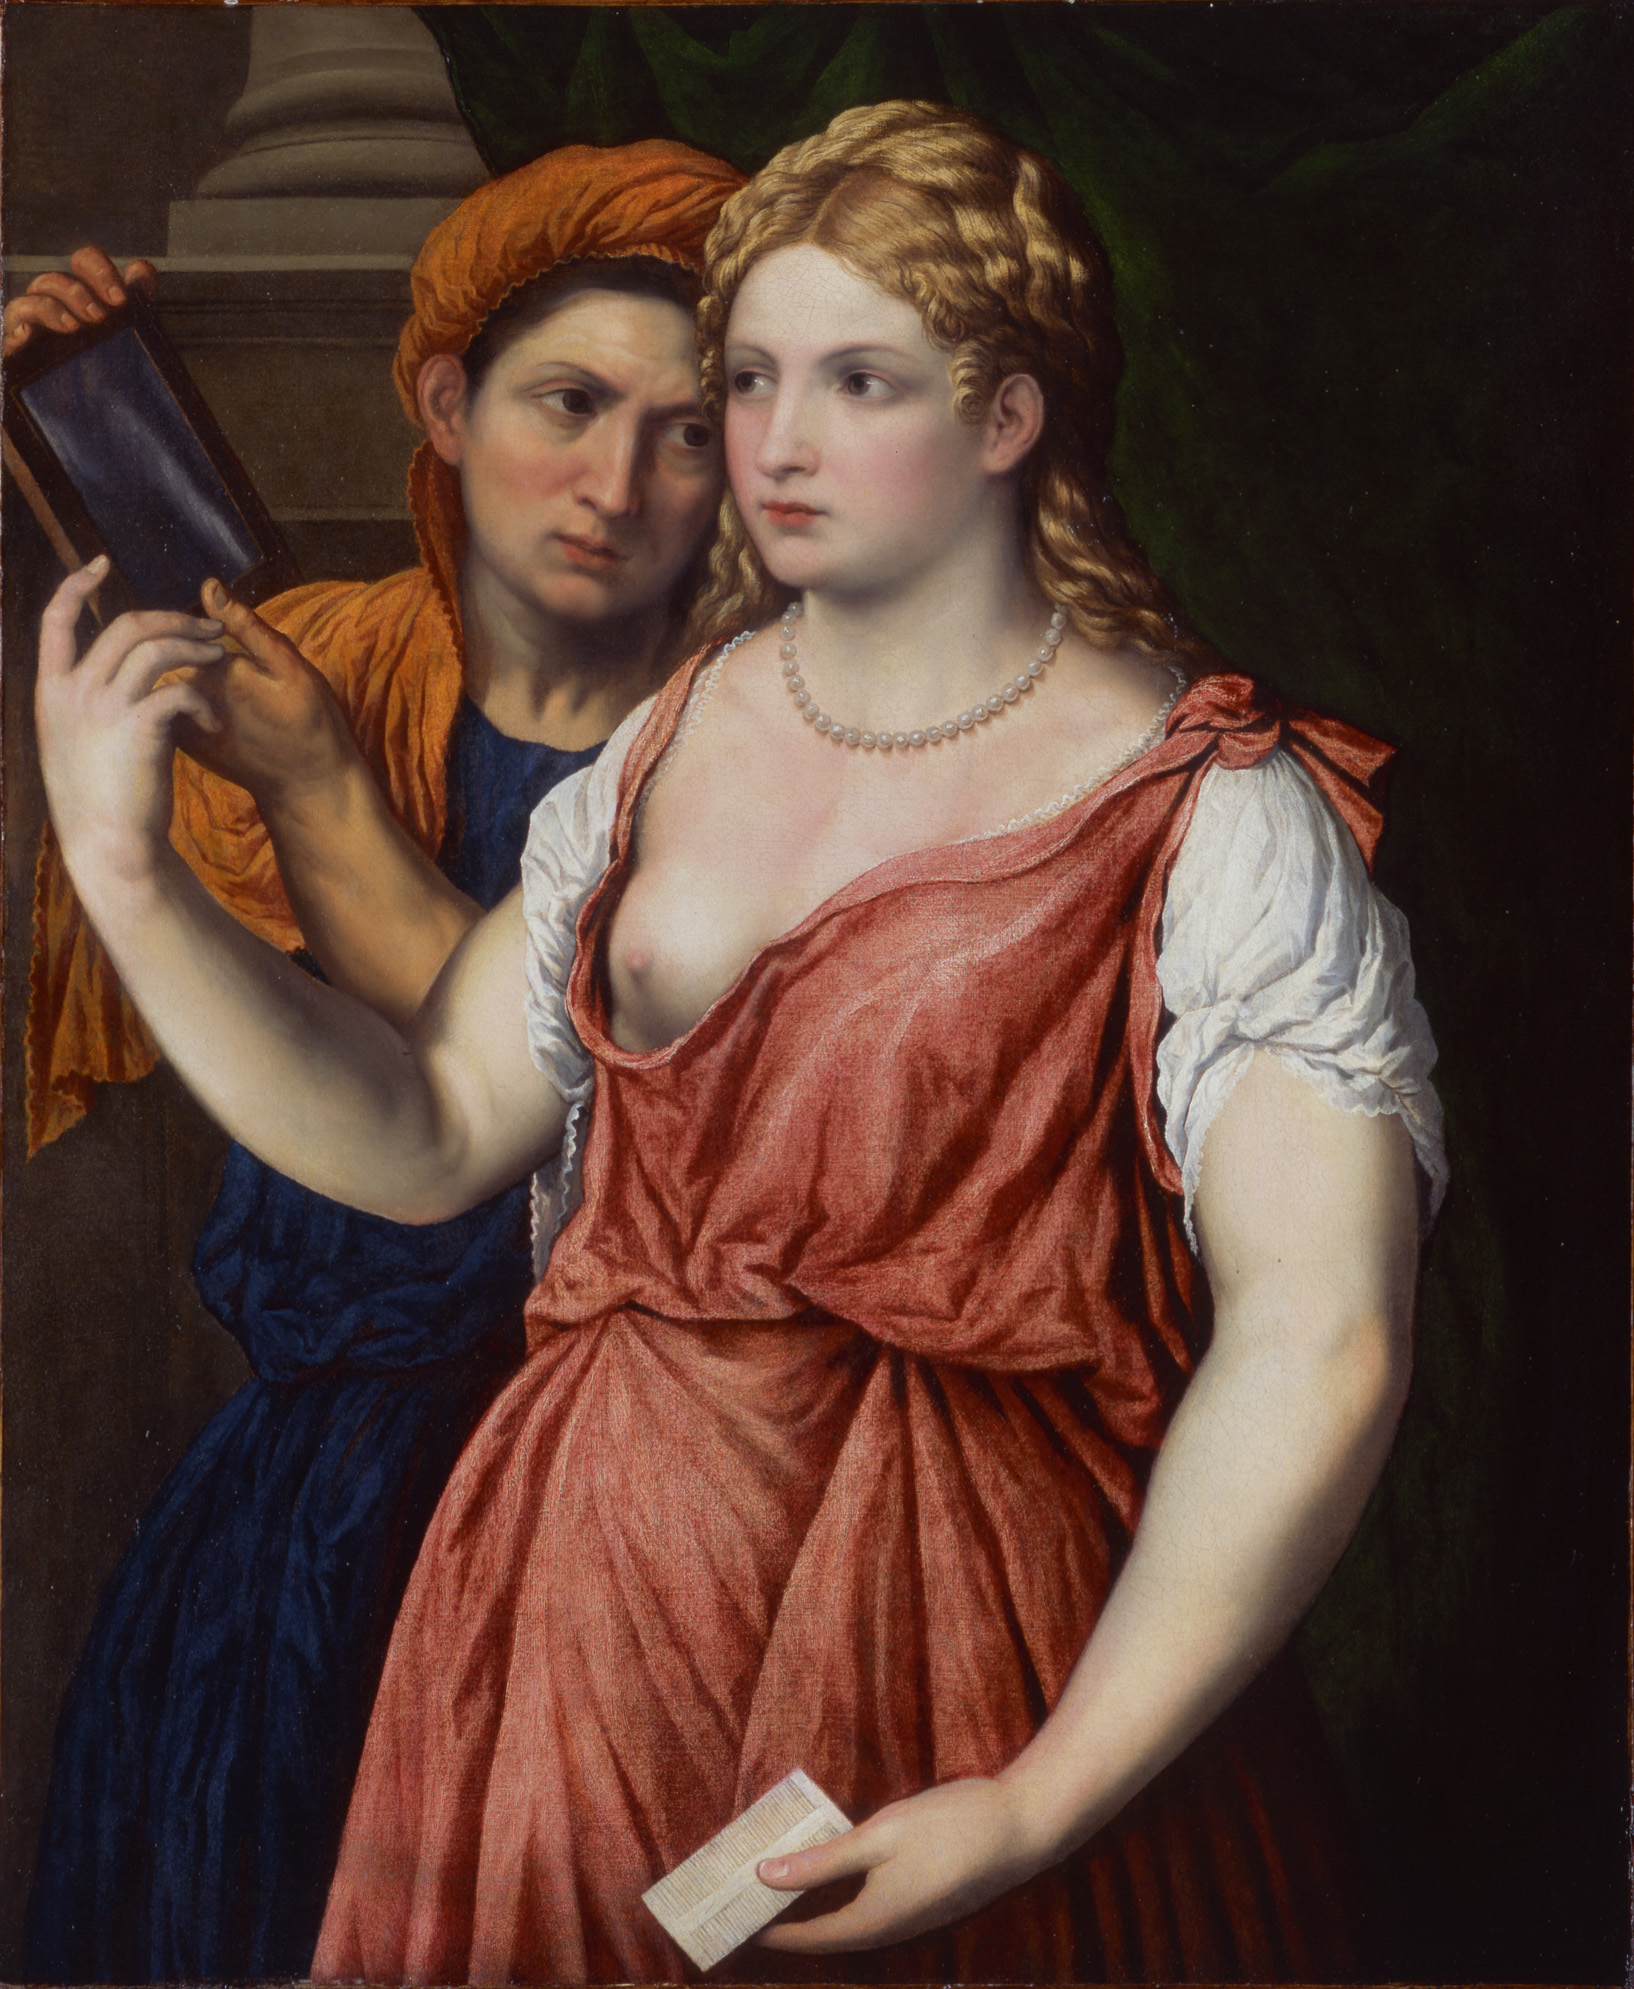 Paris Bordone (1500-1571), Junge Dame mit Spiegel und Magd, um 1535-40, Öl auf Leinwand,© Hamburger Kunsthalle / bpk, Foto: Elke Walford